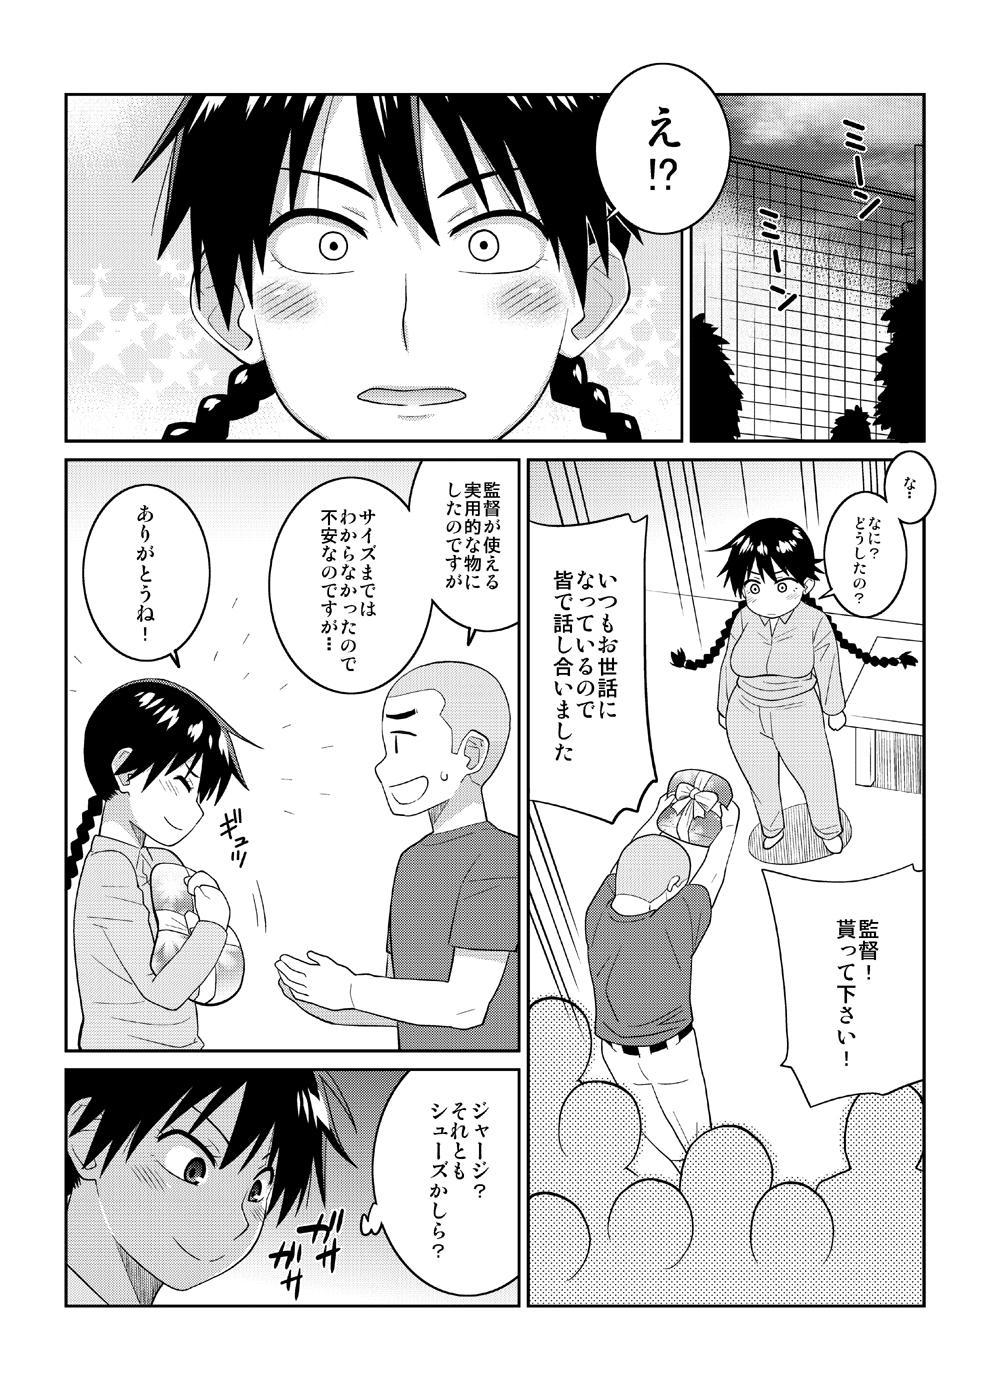 Momokan to Nama Akushu-kai Dekiru Yakyuubushitsu 5